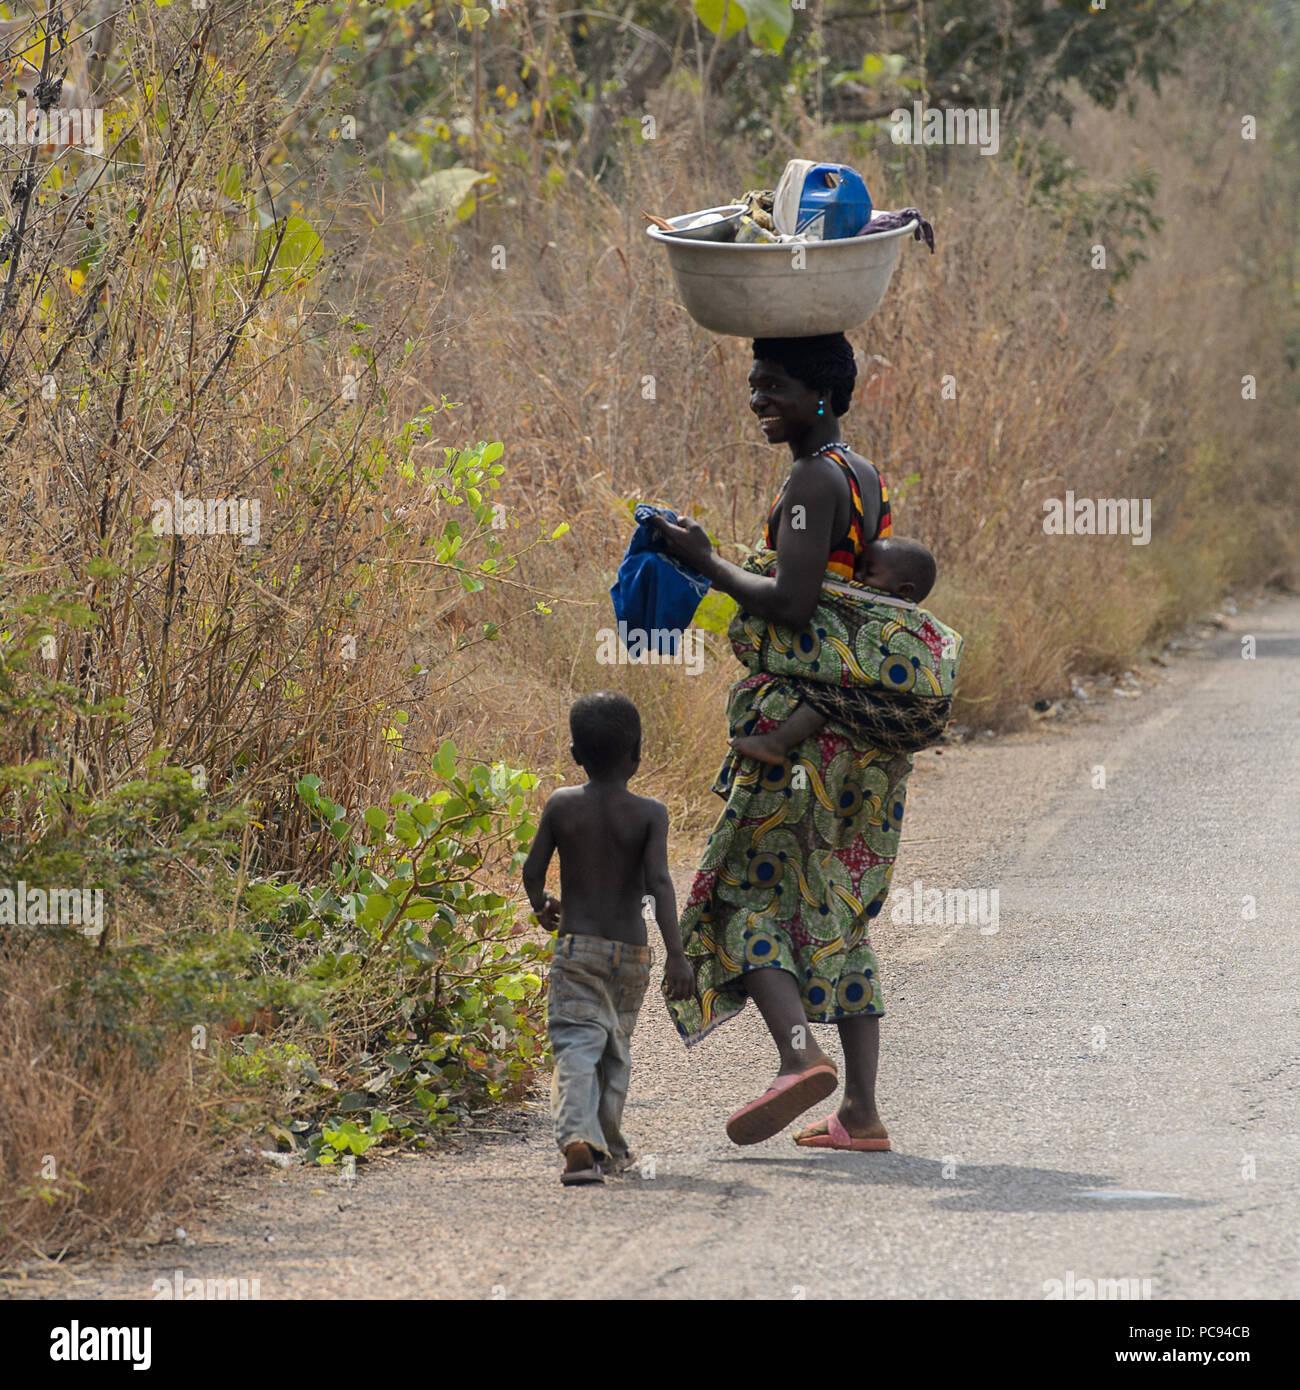 DANKOLI, BENIN - JAN 12, 2017: Unidentified Beninese woman carries a ...